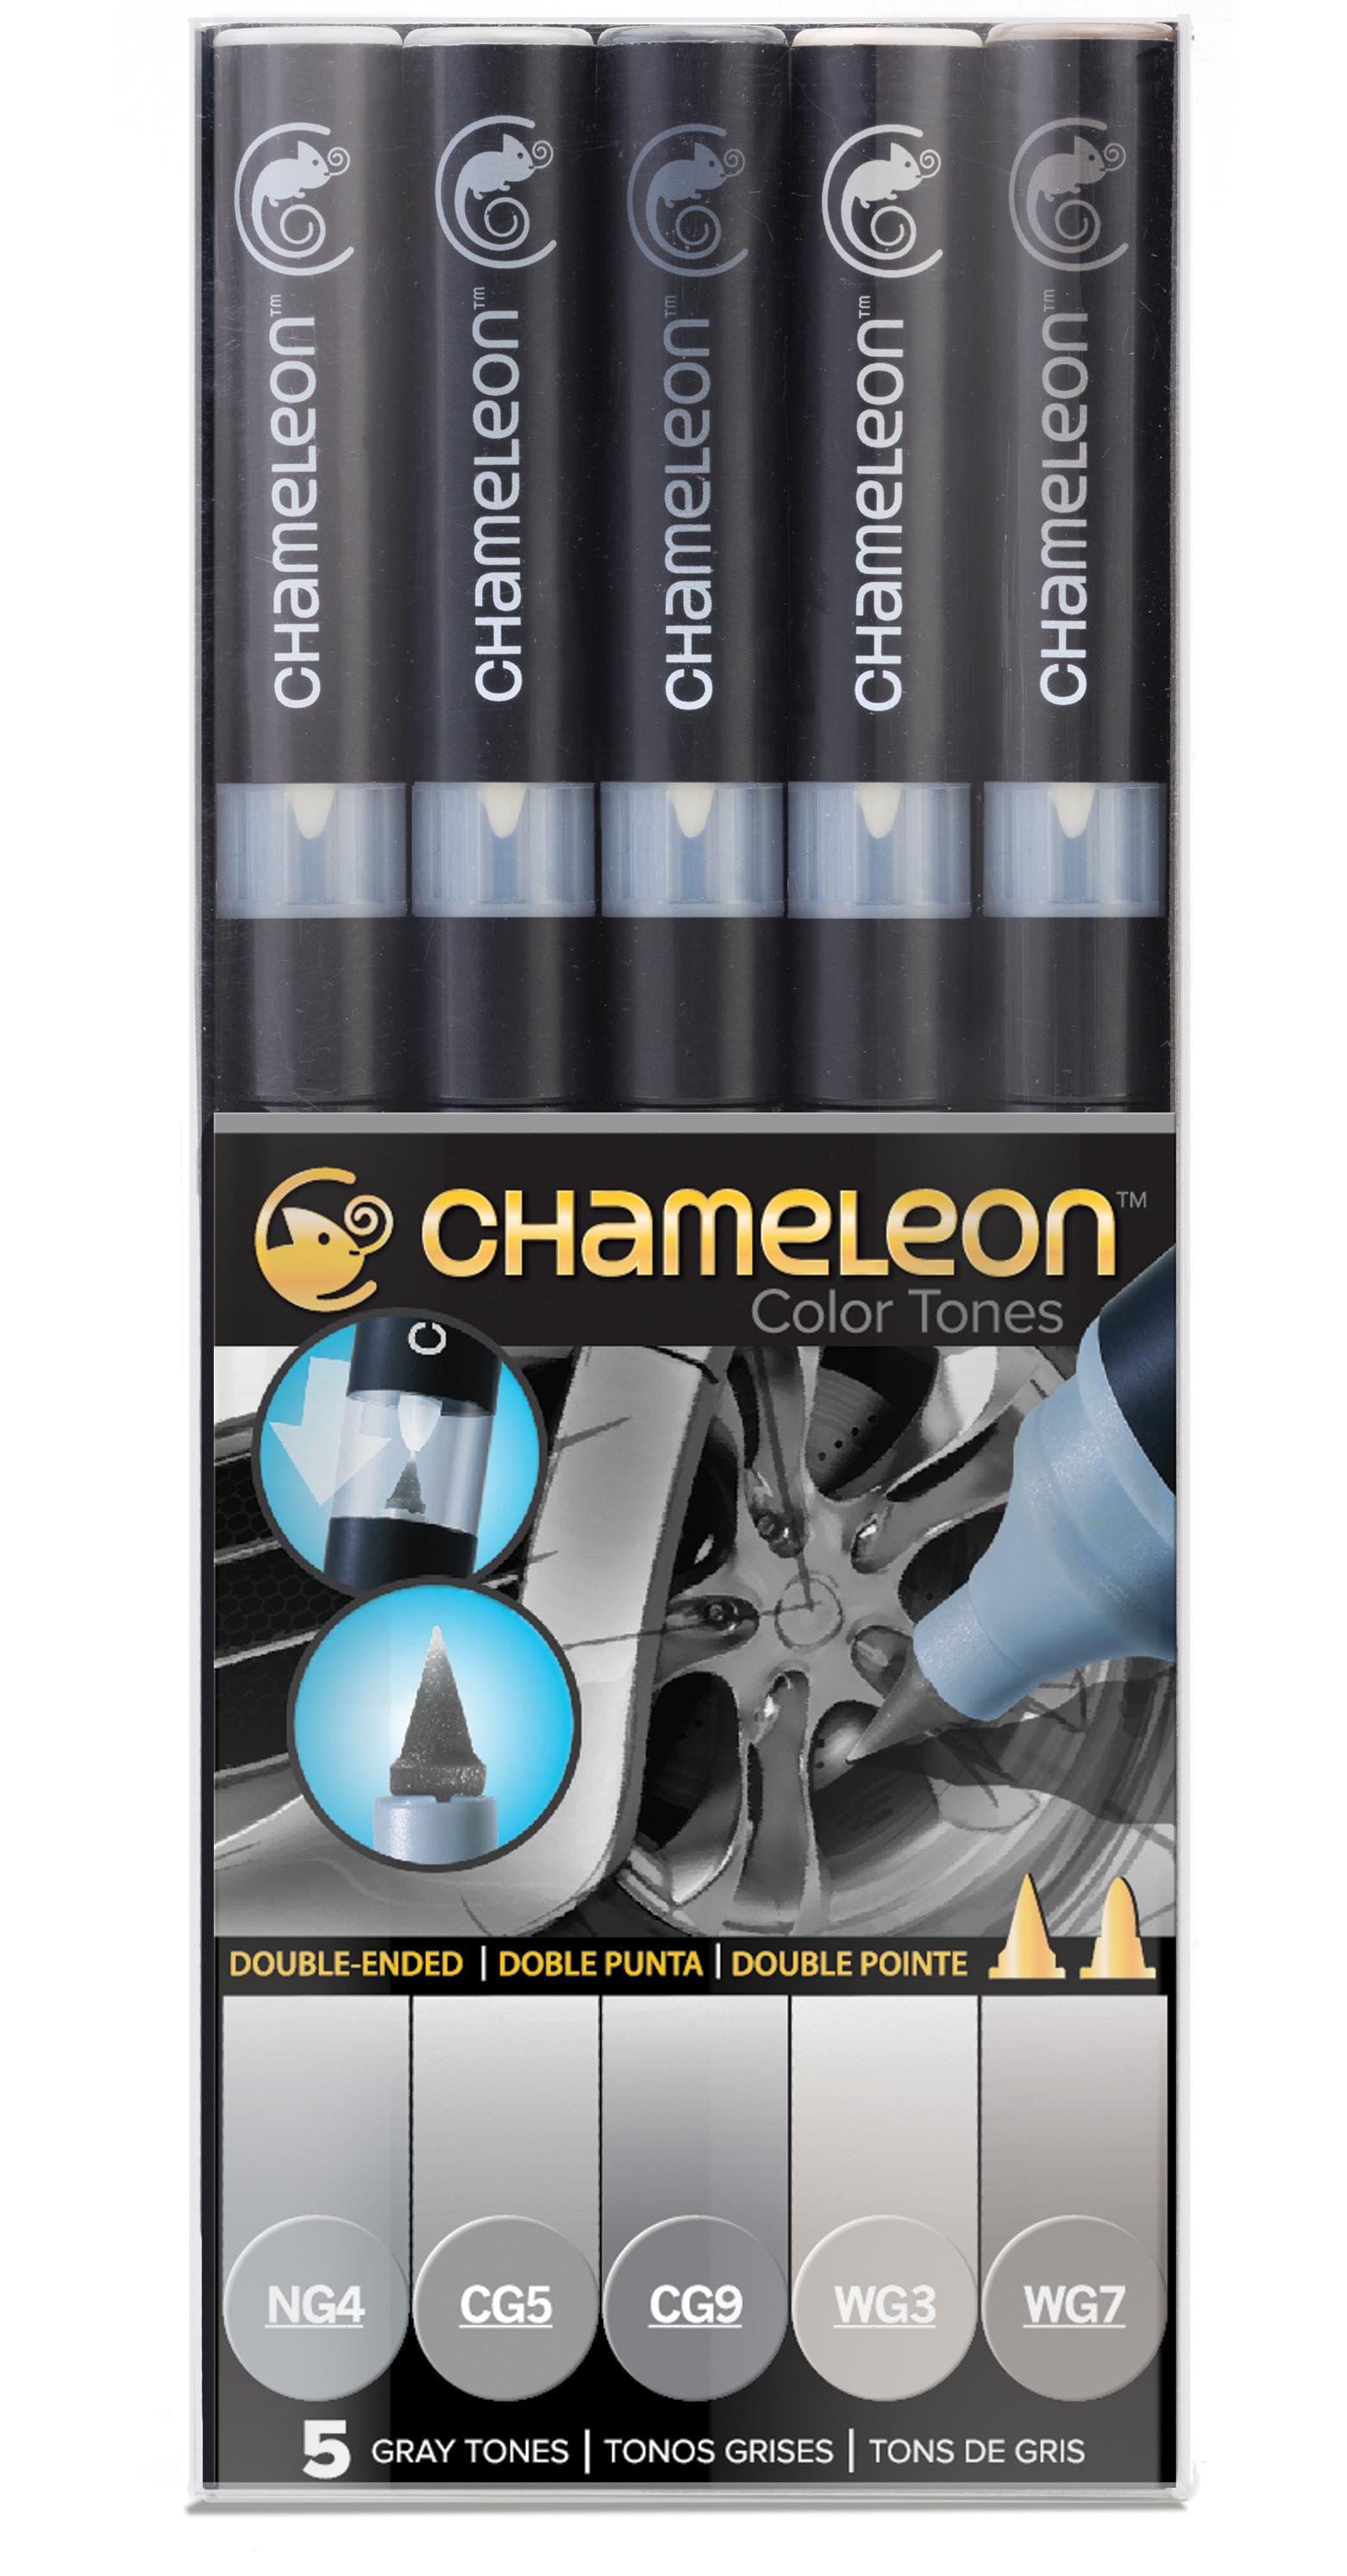 Chameleon Pen 5 Pen Gray Set (カメレオンペン 5本入りグレーセット)